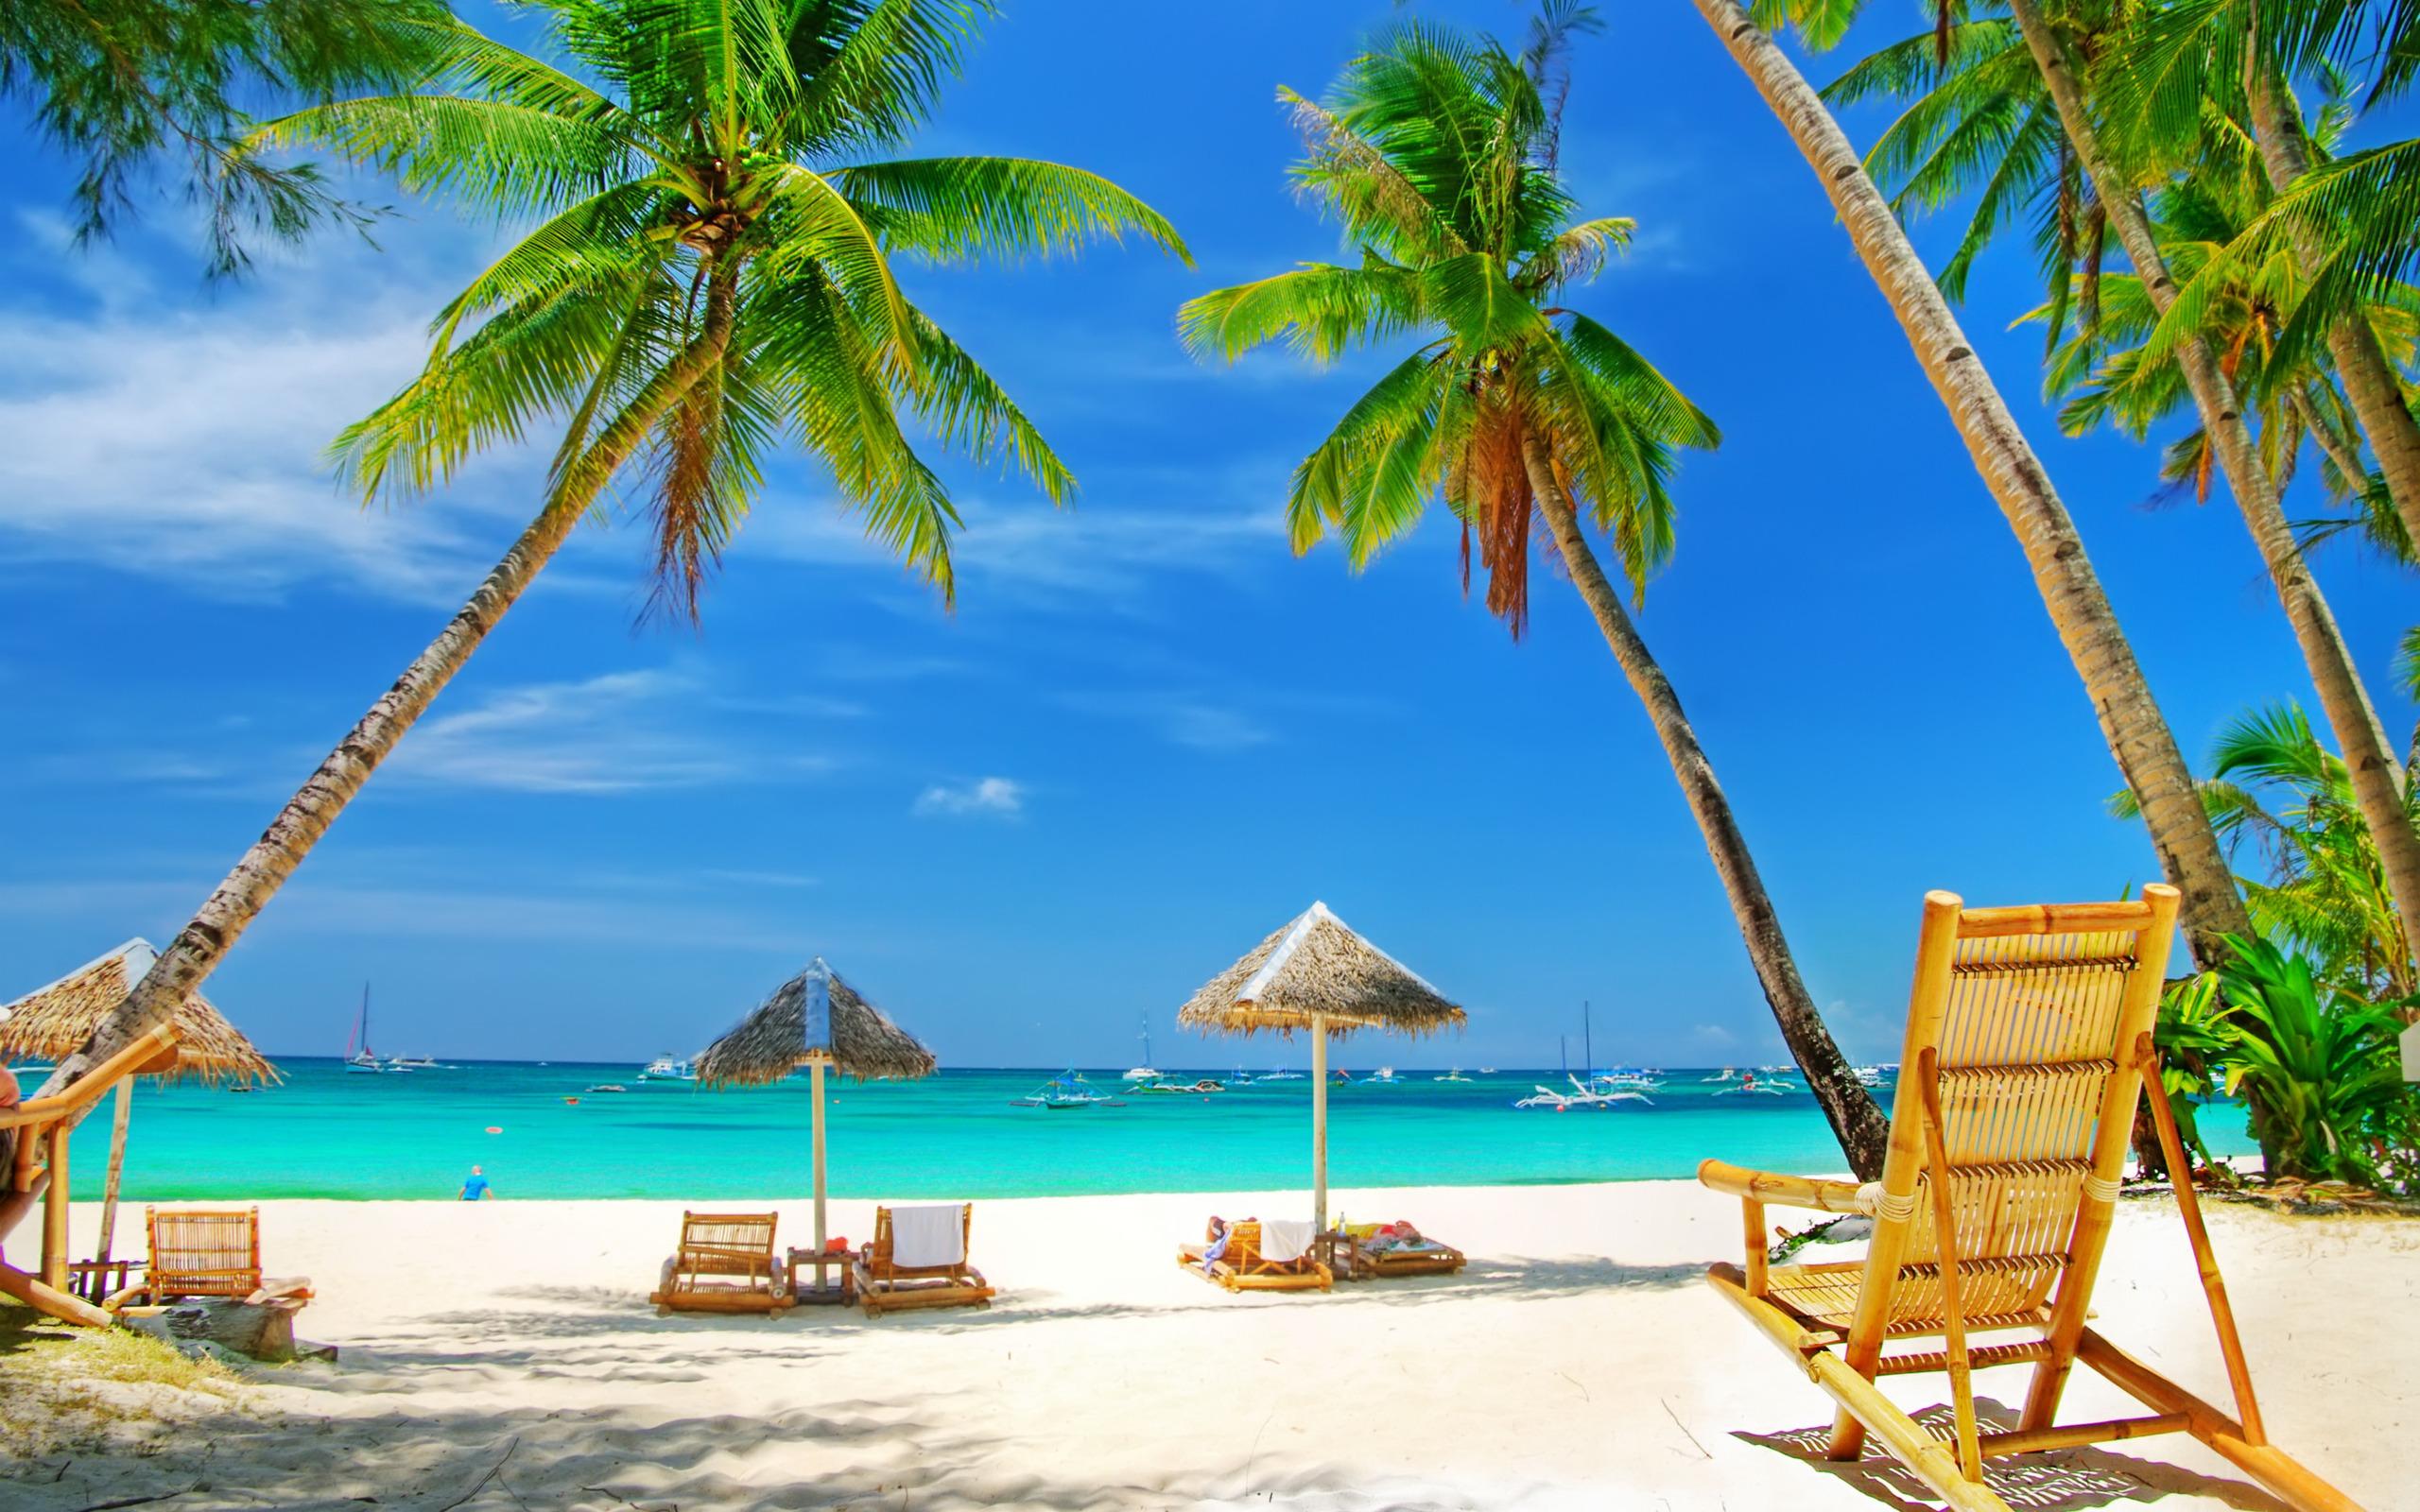 Осень, солнце, море, пляж или едем на море осенью